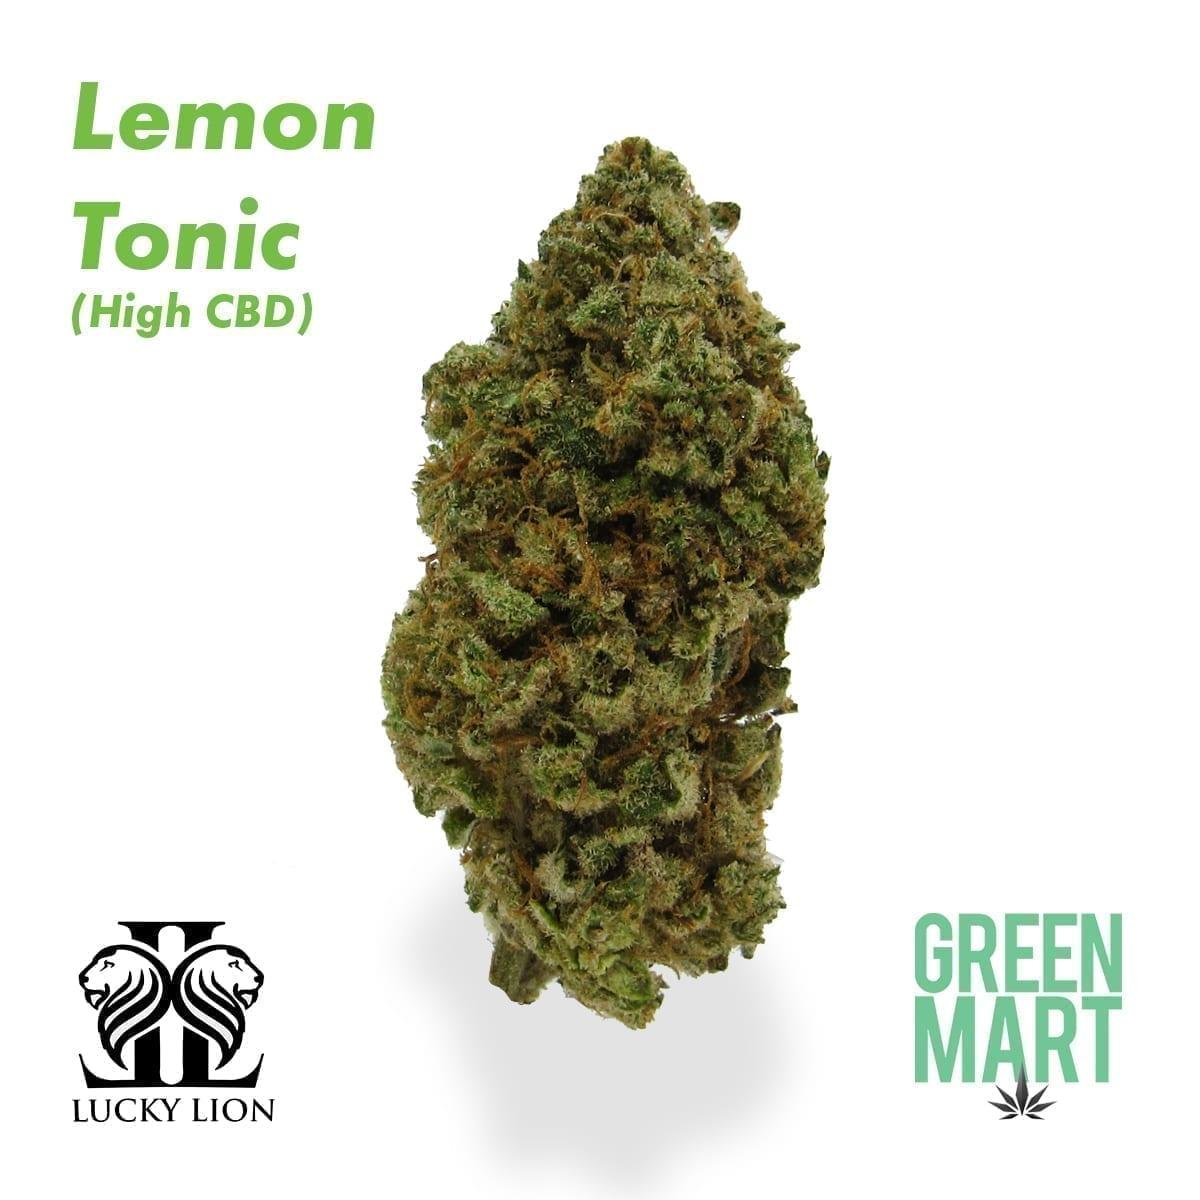 Lemon Tonic - High CBD